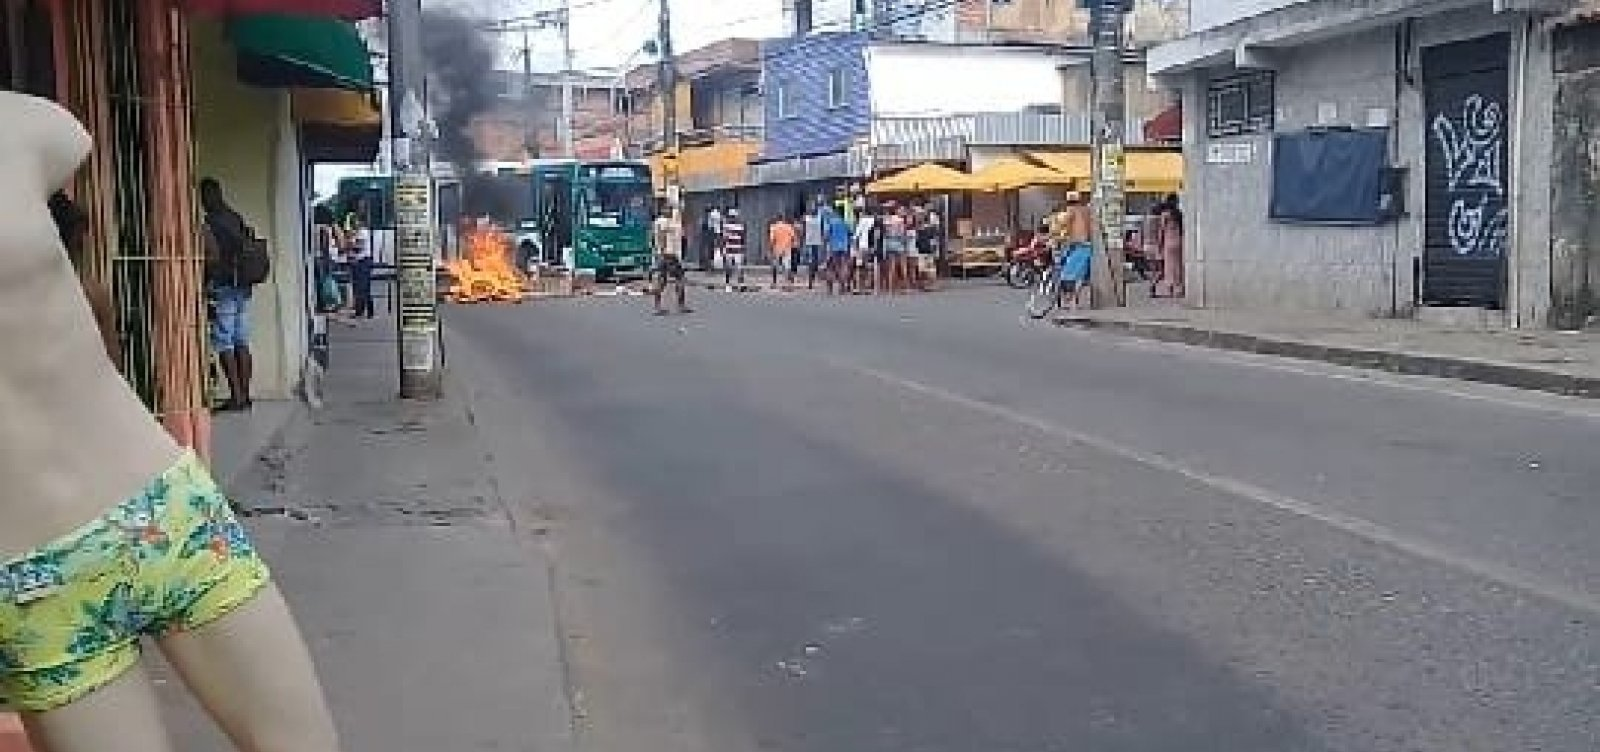 Estradas das Barreiras é bloqueada por ônibus e objetos em chamas